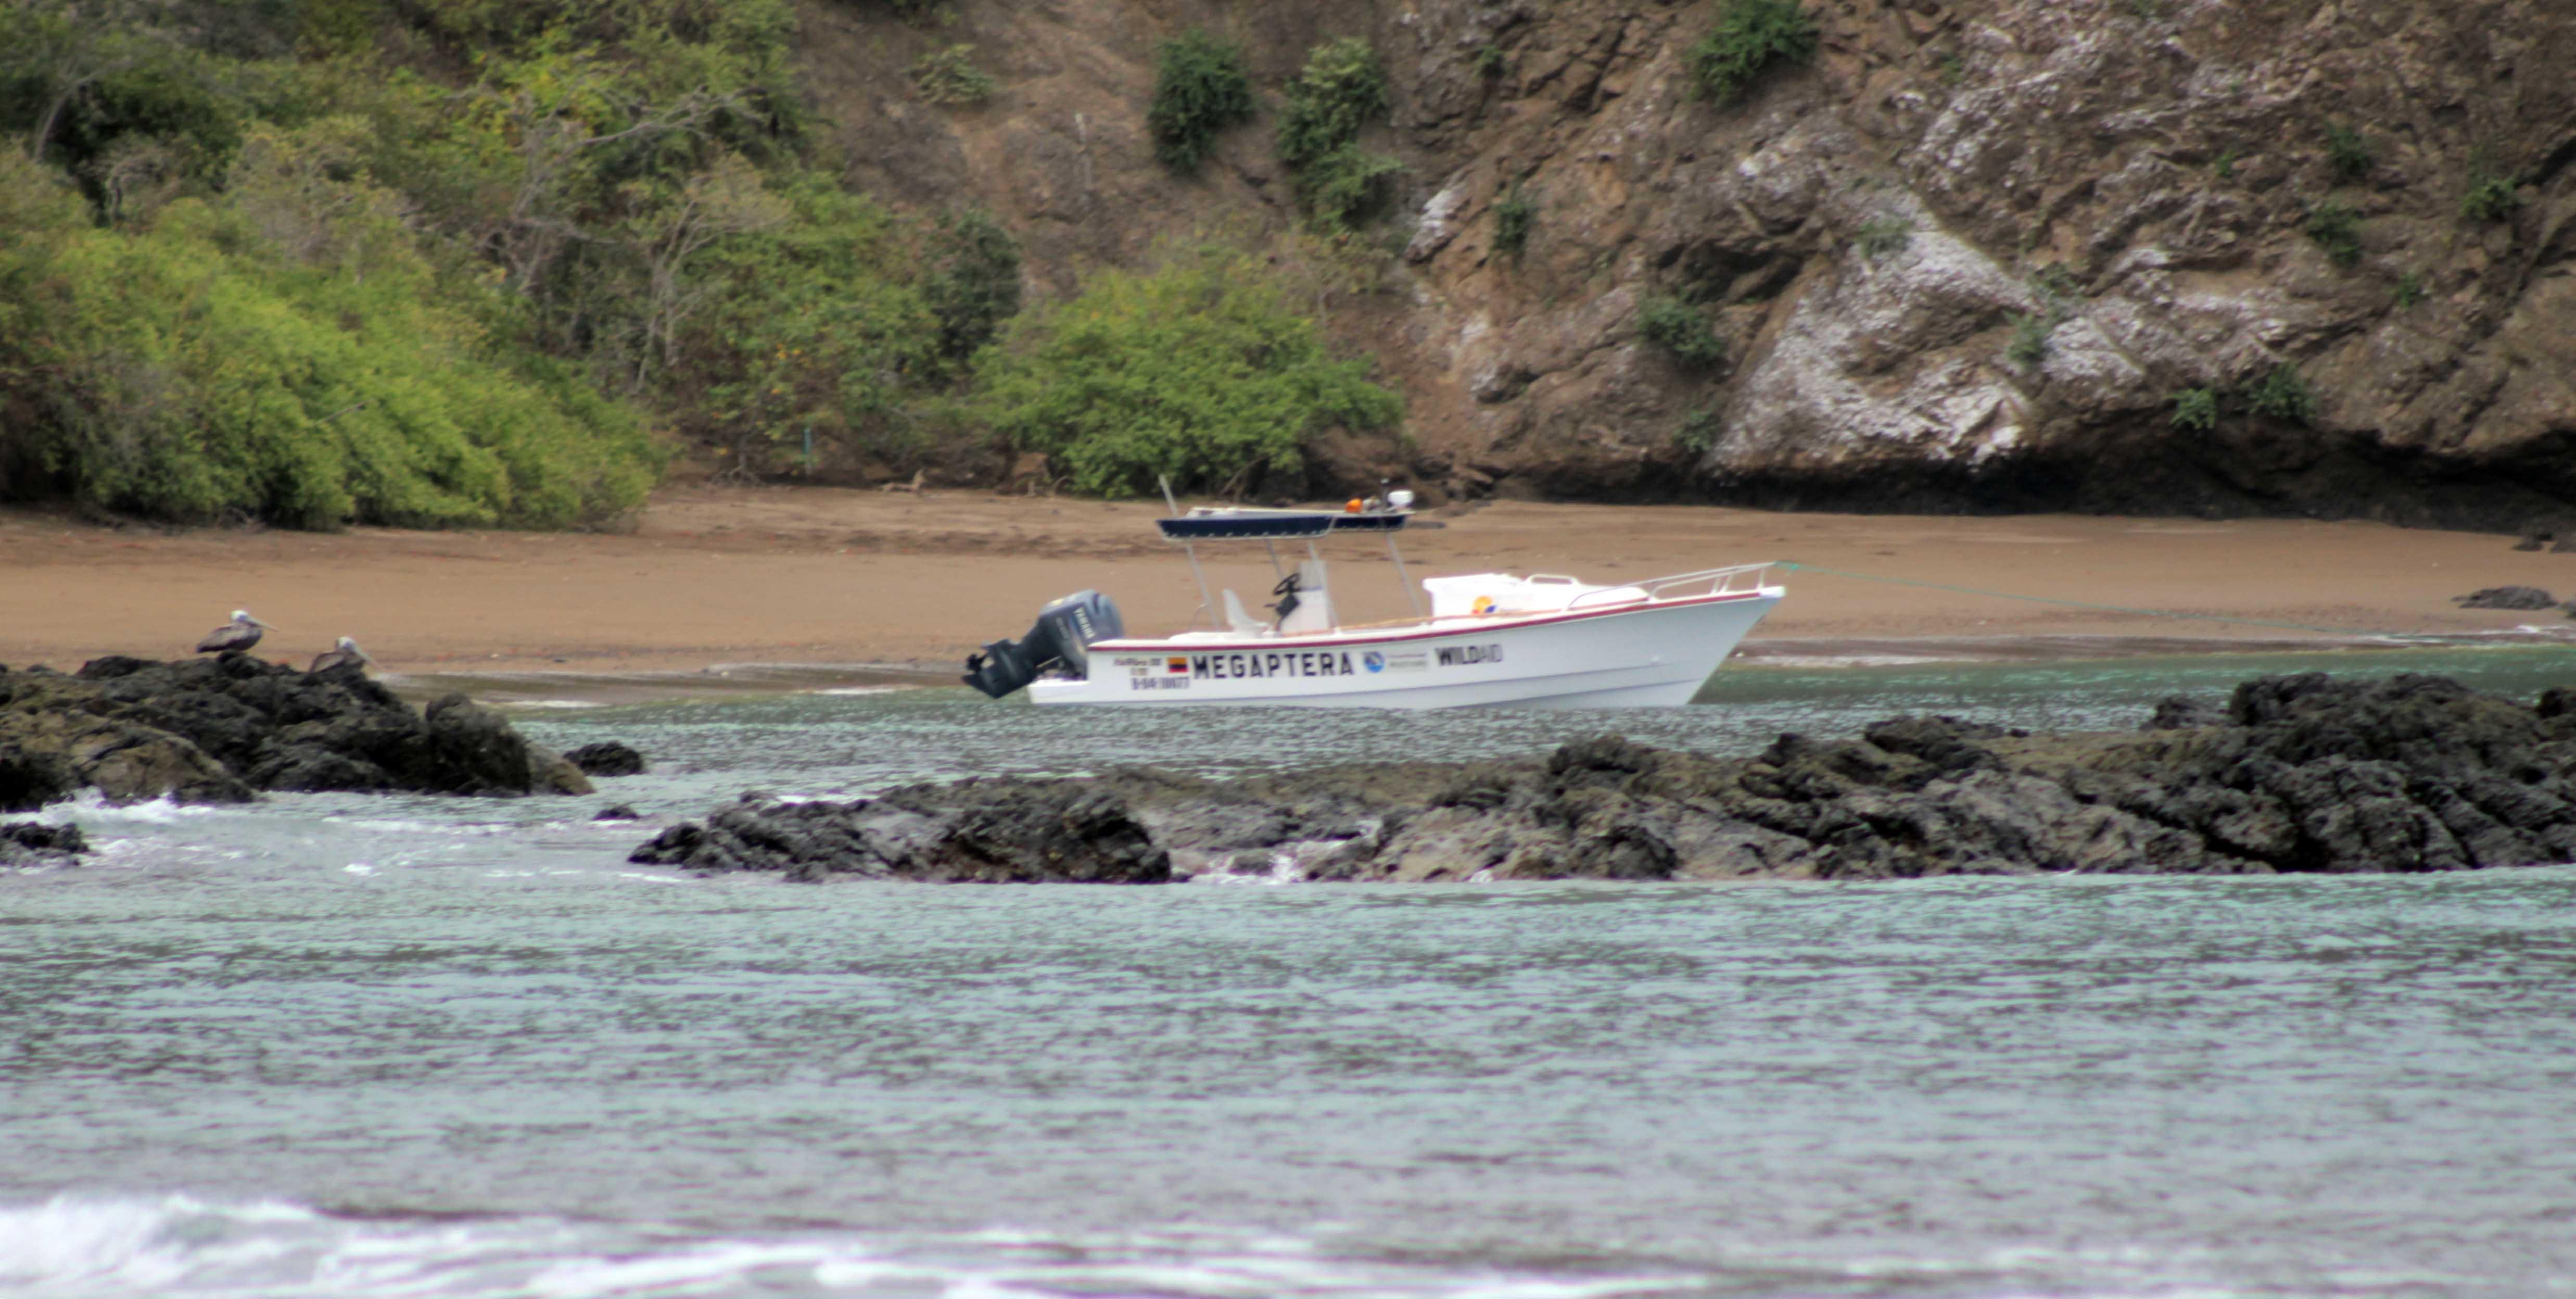 La embarcación Megáptera al pie de la Isla de la Plata.